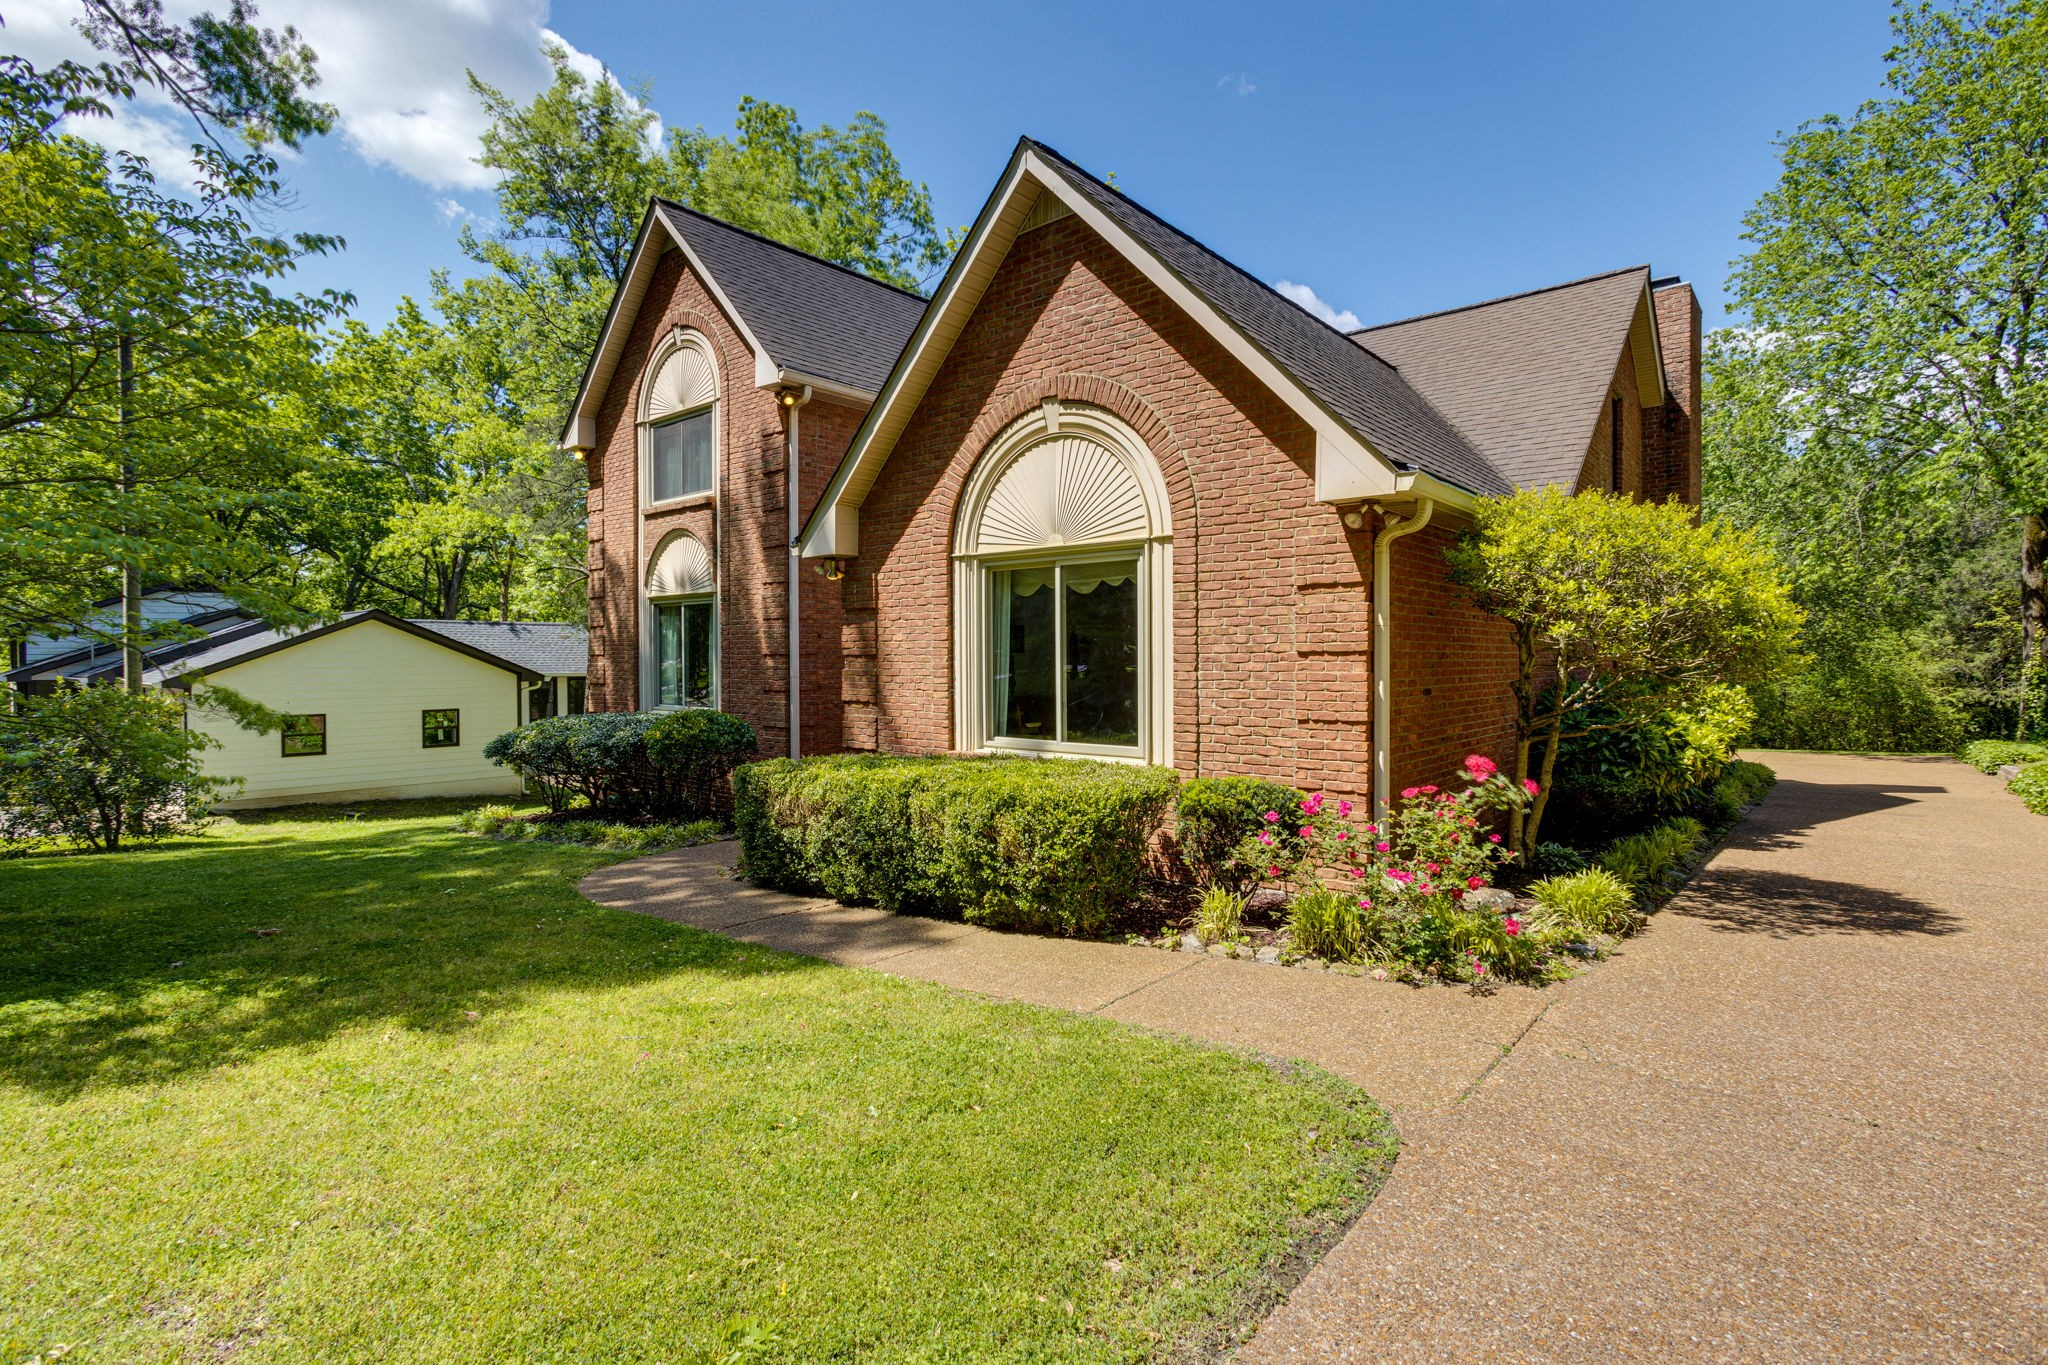 3735 Cedarwood Dr Property Photo - Nashville, TN real estate listing